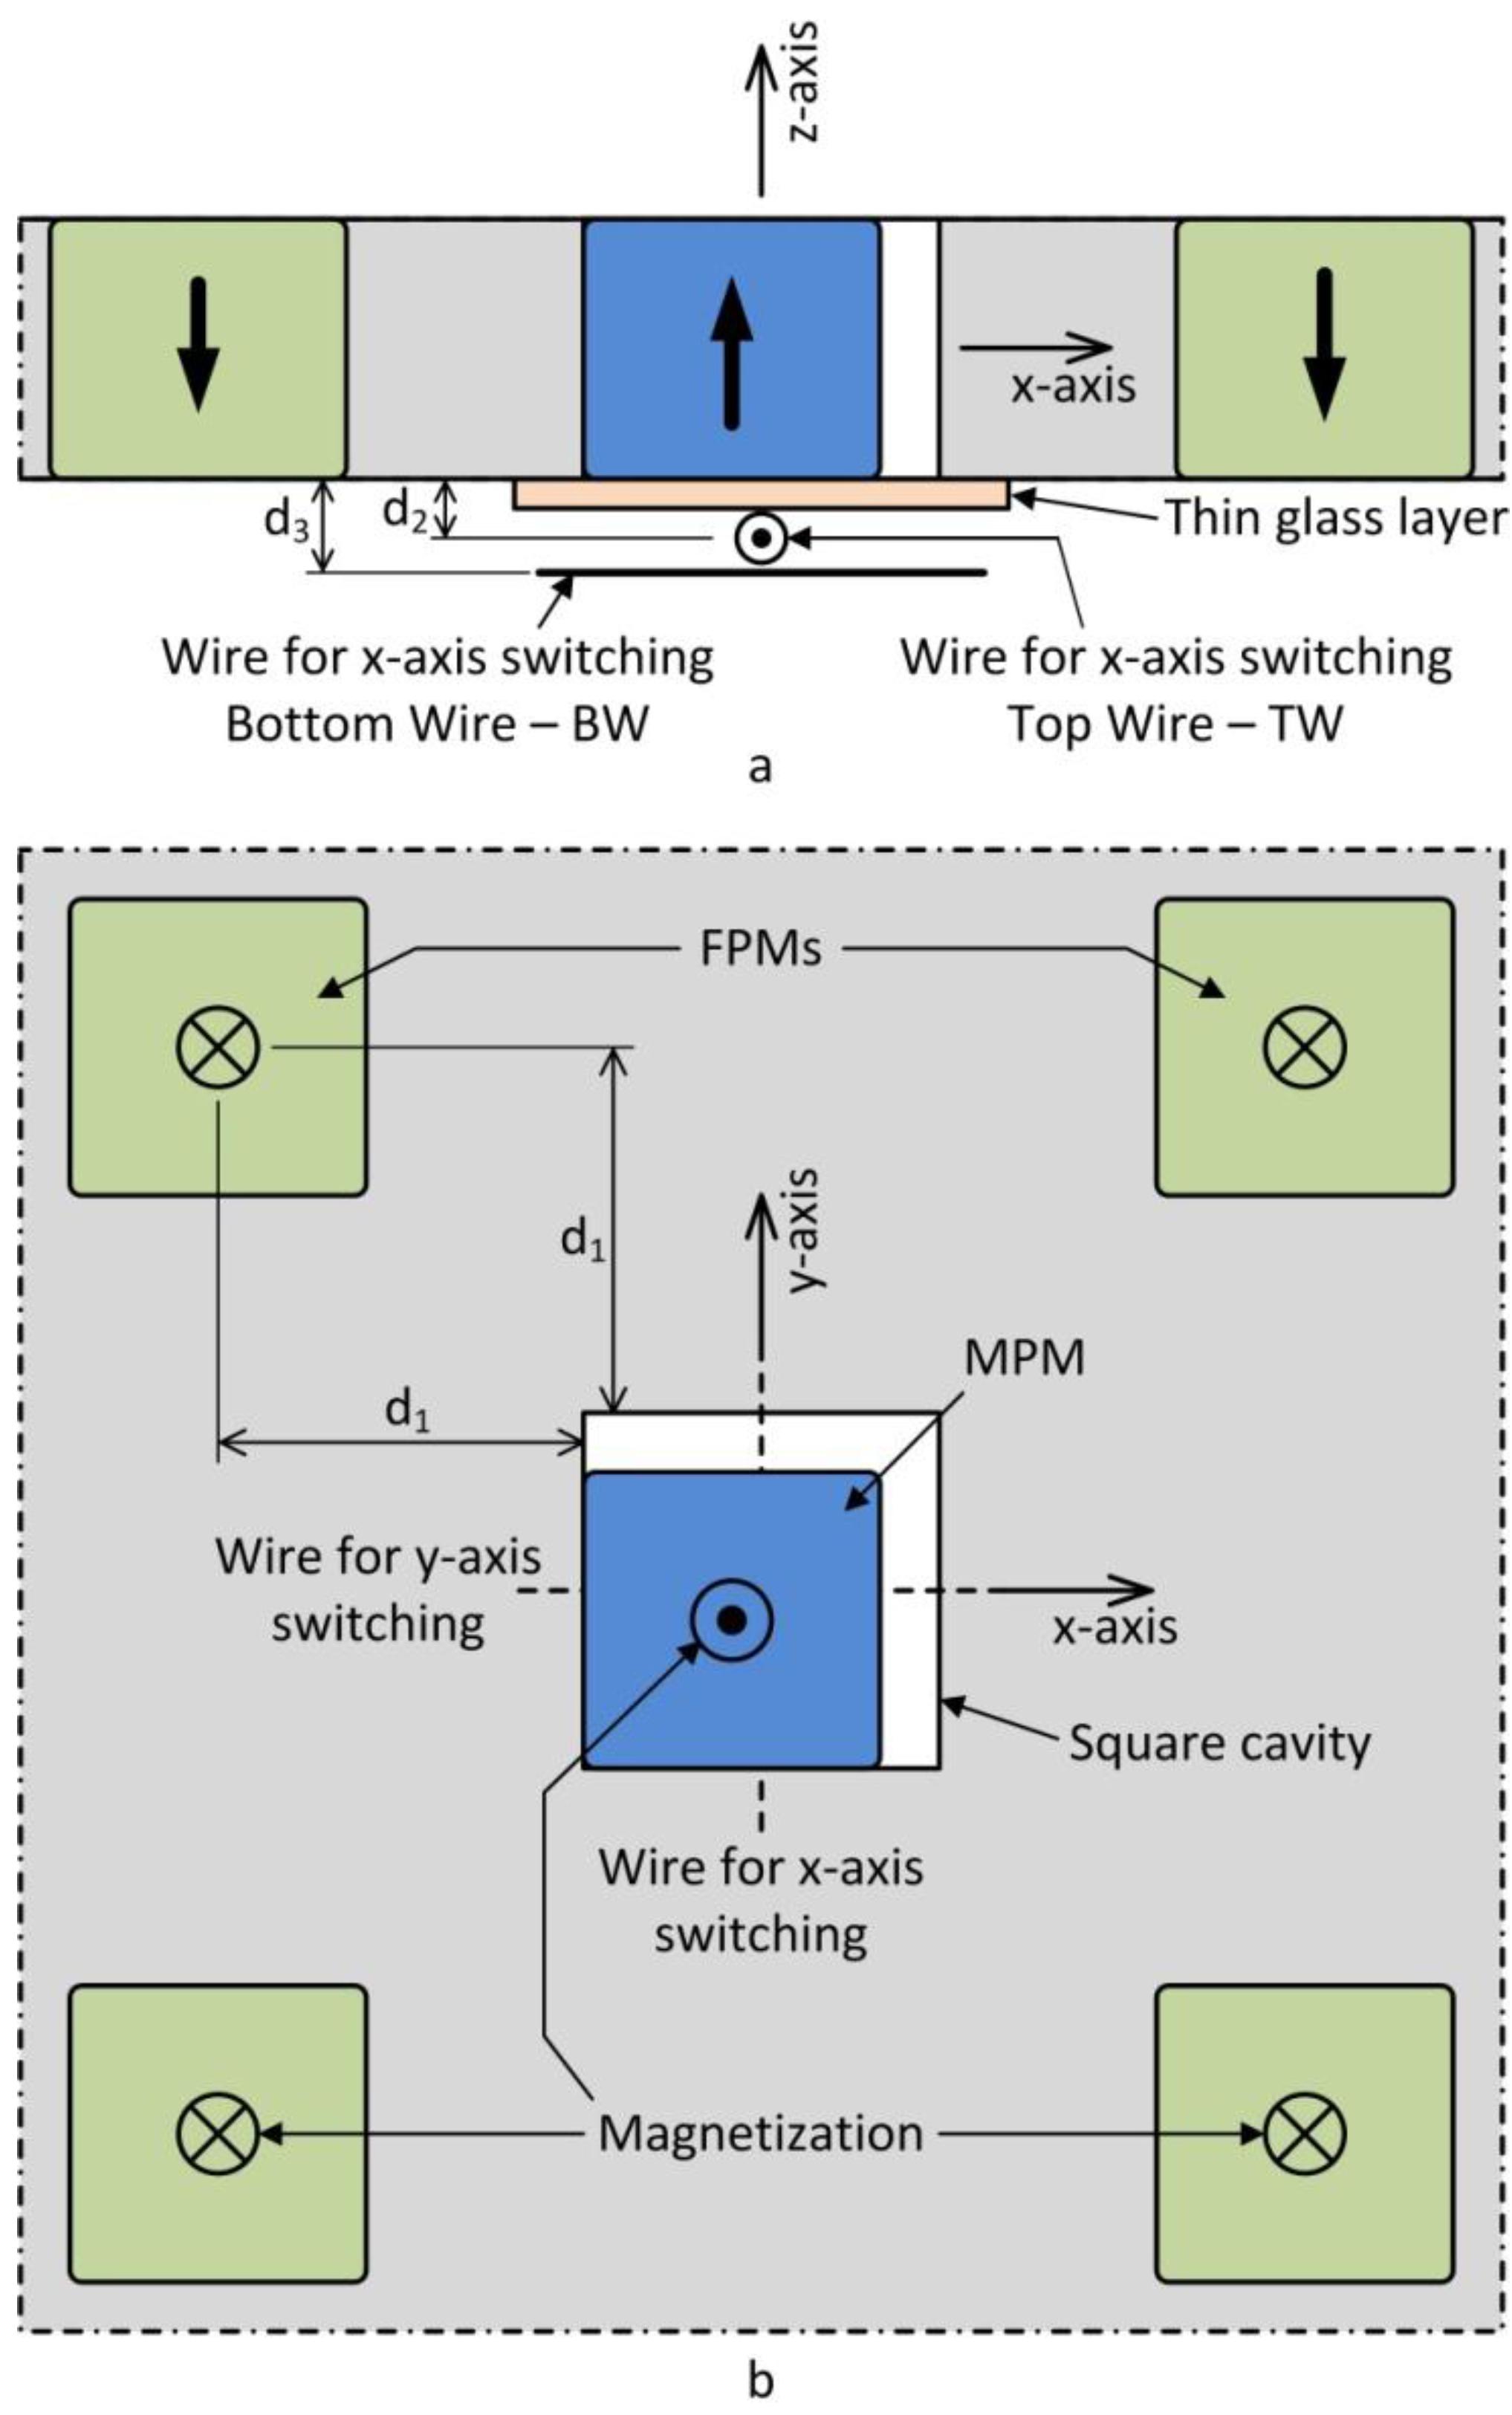 4mxs32gvju Daikin Wiring Diagram besides Xt Power Supply Pinout additionally Editor pambazuka further Scrap Electrical Wire Percentage Chart furthermore 320606513207. on scrap electrical wire percentage chart